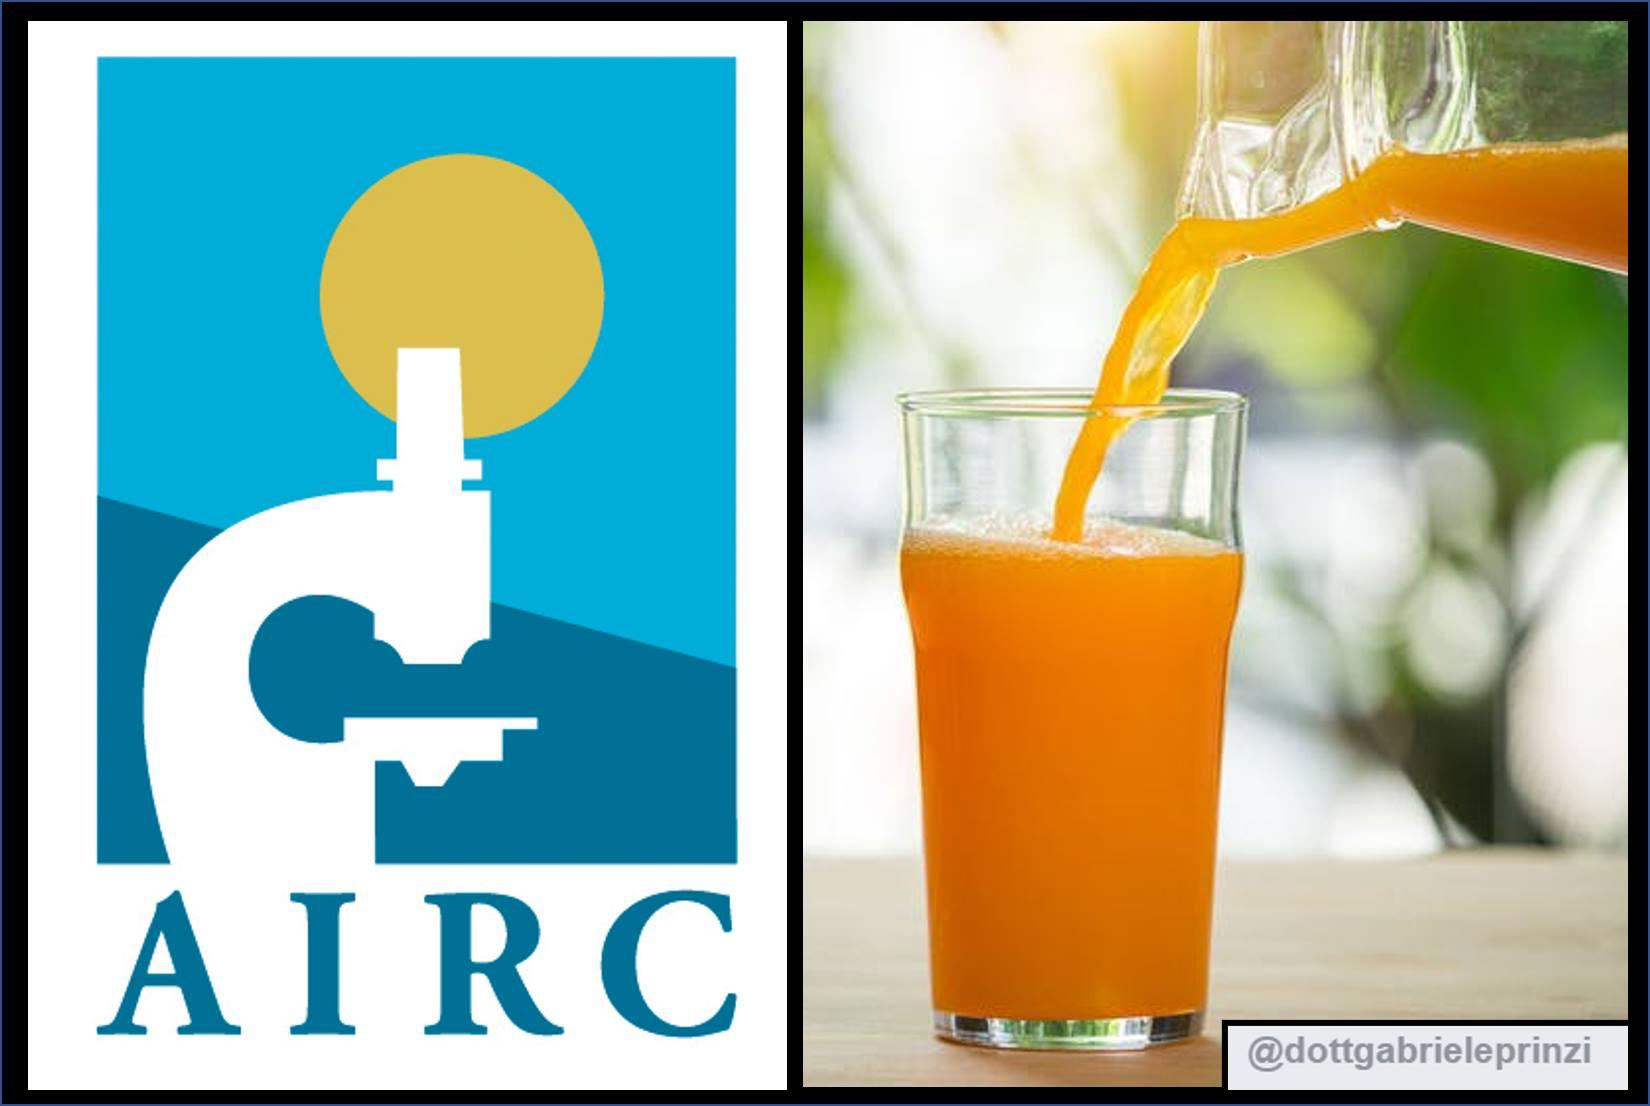 Bevande zuccherate: dolci al palato ma pericolose per la salute - Parola di AIRC